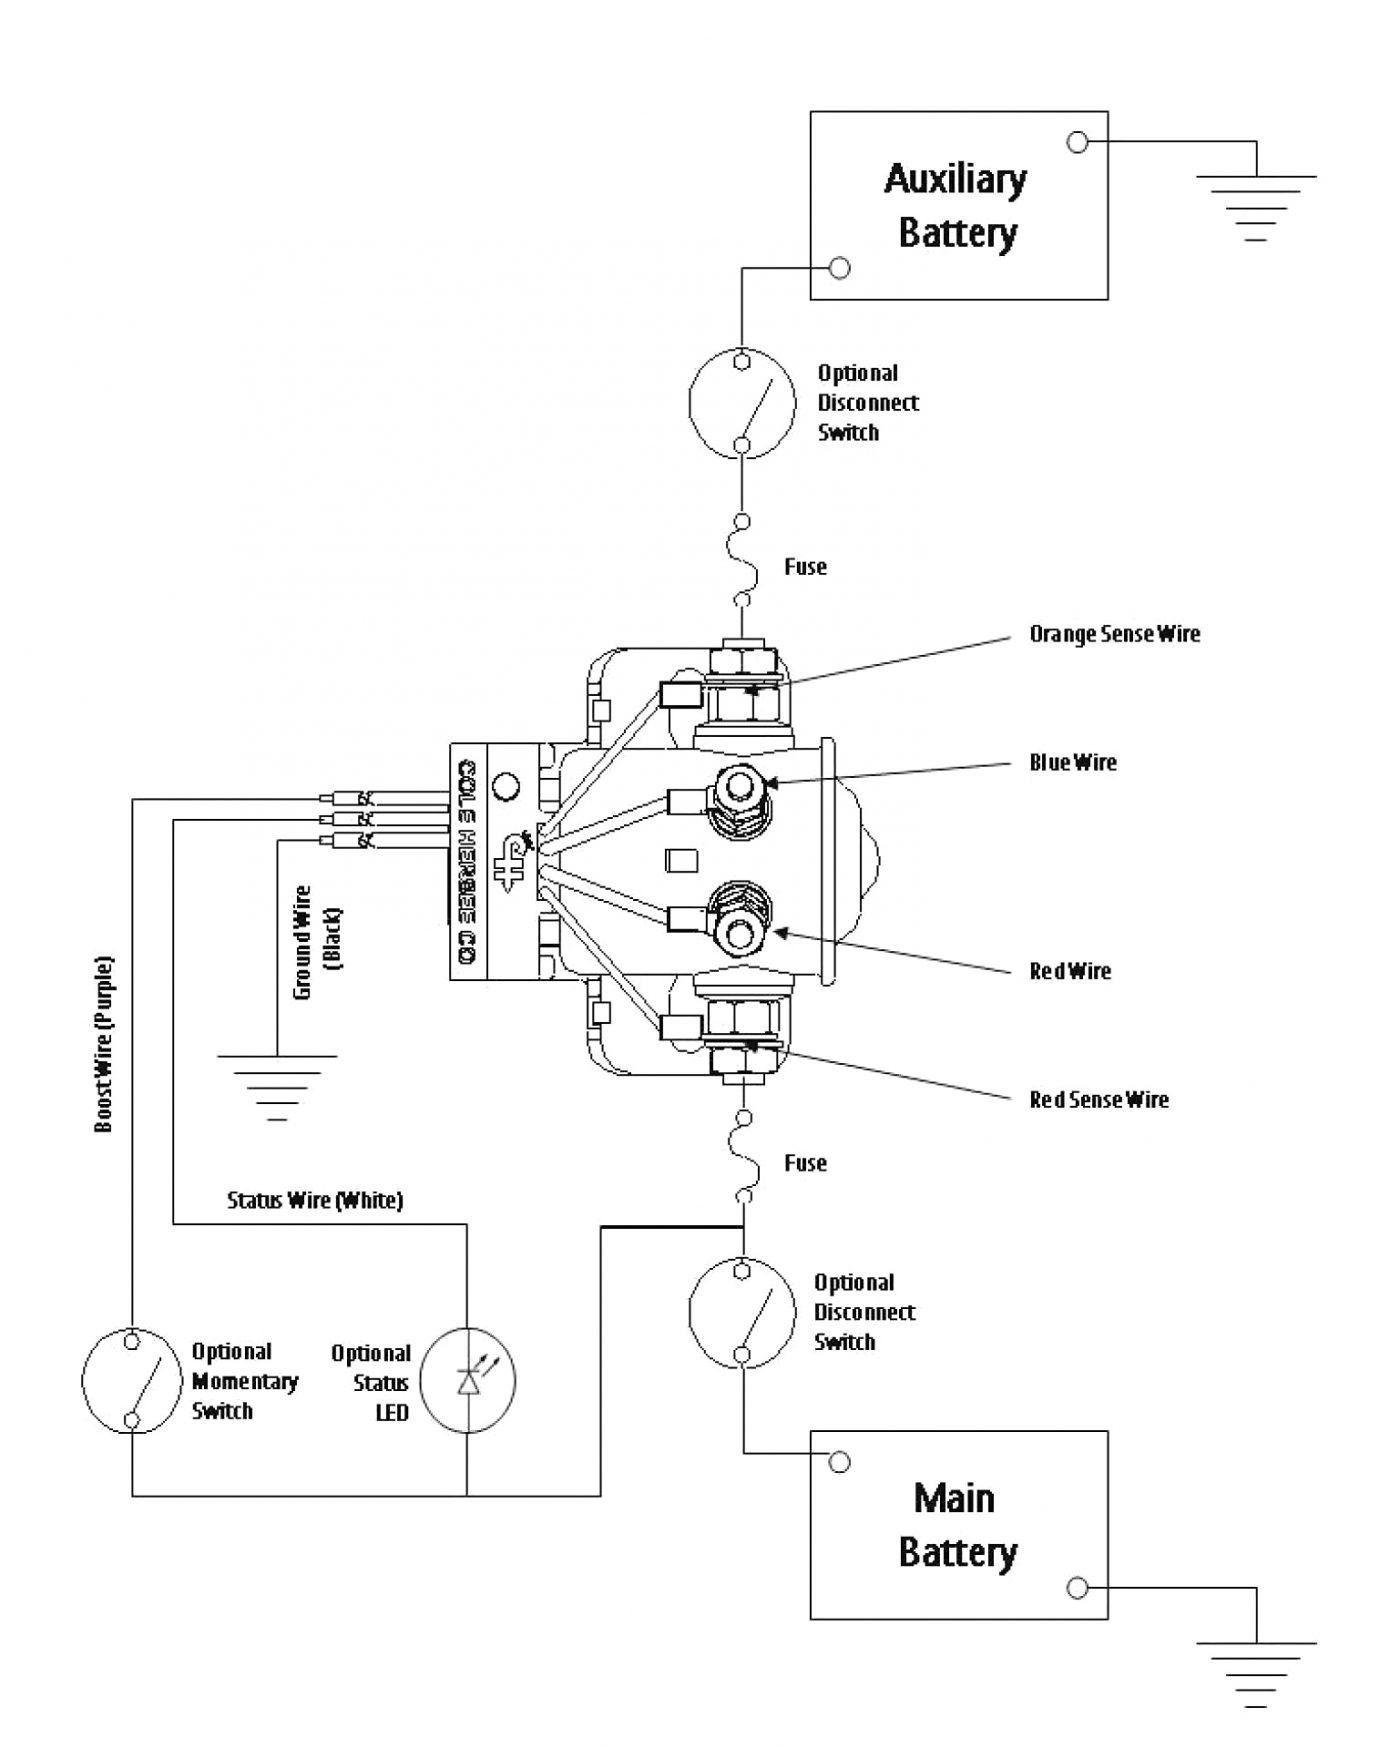 7 3 powerstroke glow plug relay wiring 7 3 diagram 7 3 powerstroke glow plug relay [ 1400 x 1749 Pixel ]